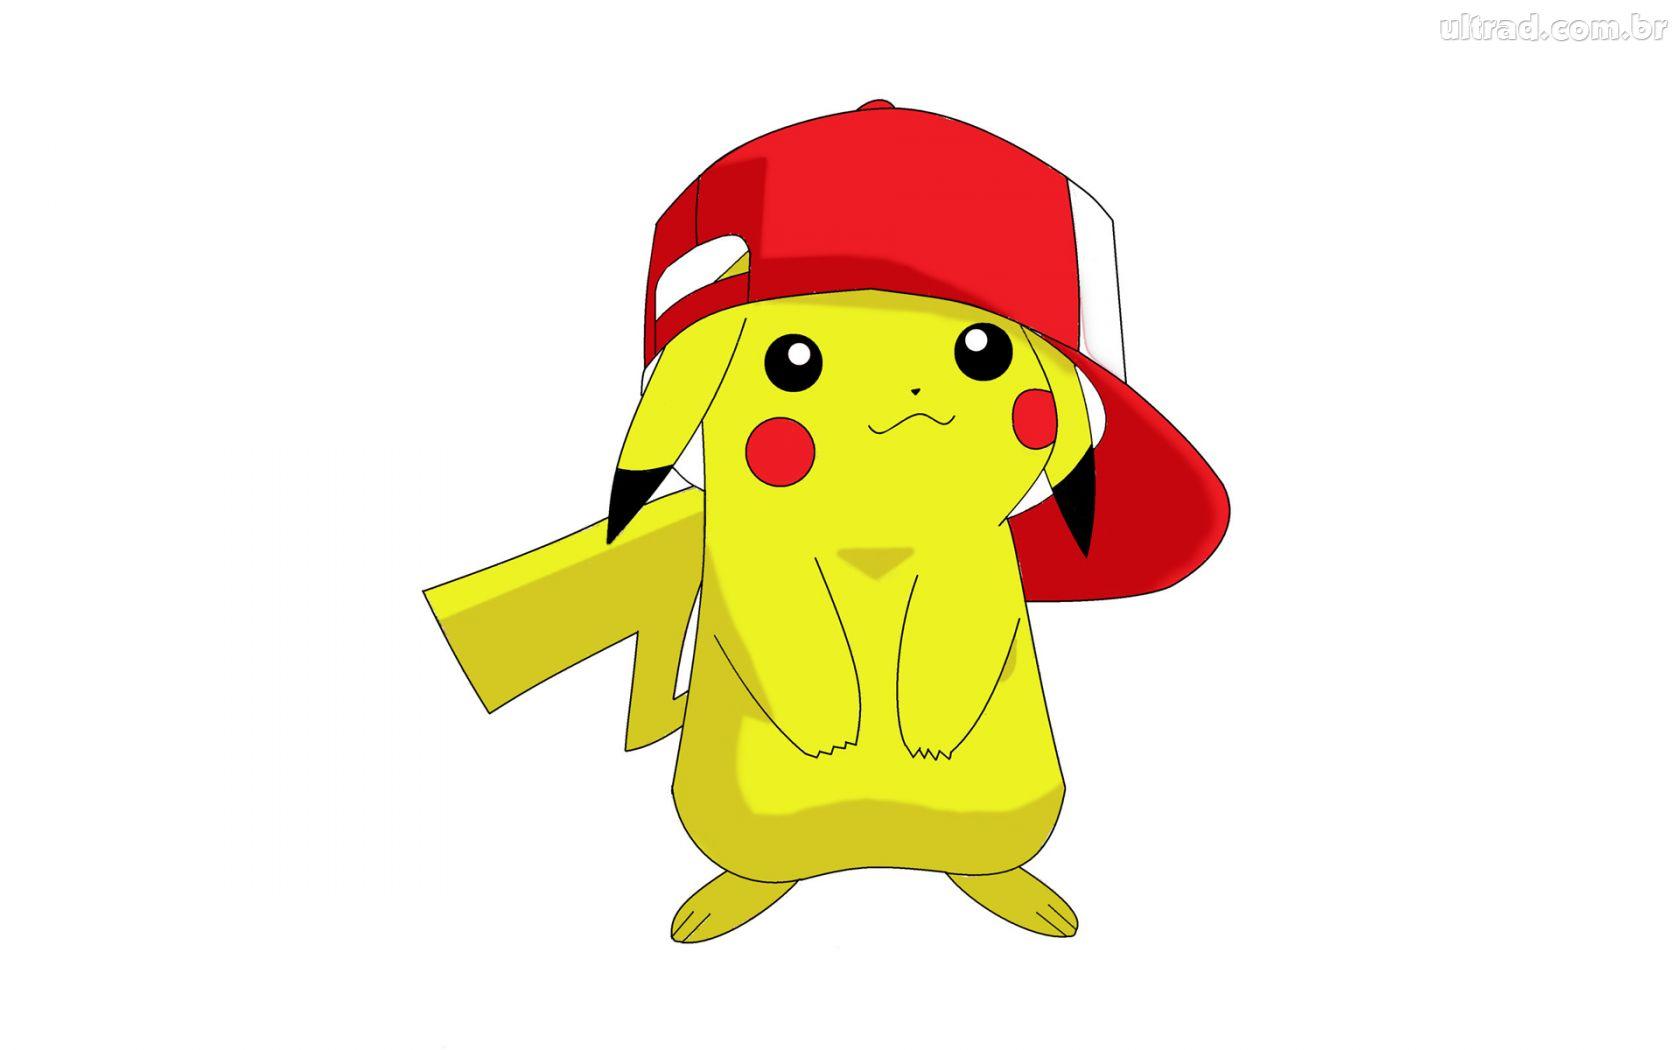 buscados pikachu com bon desenhos animados pikachu fotos do pikachu 1680x1050